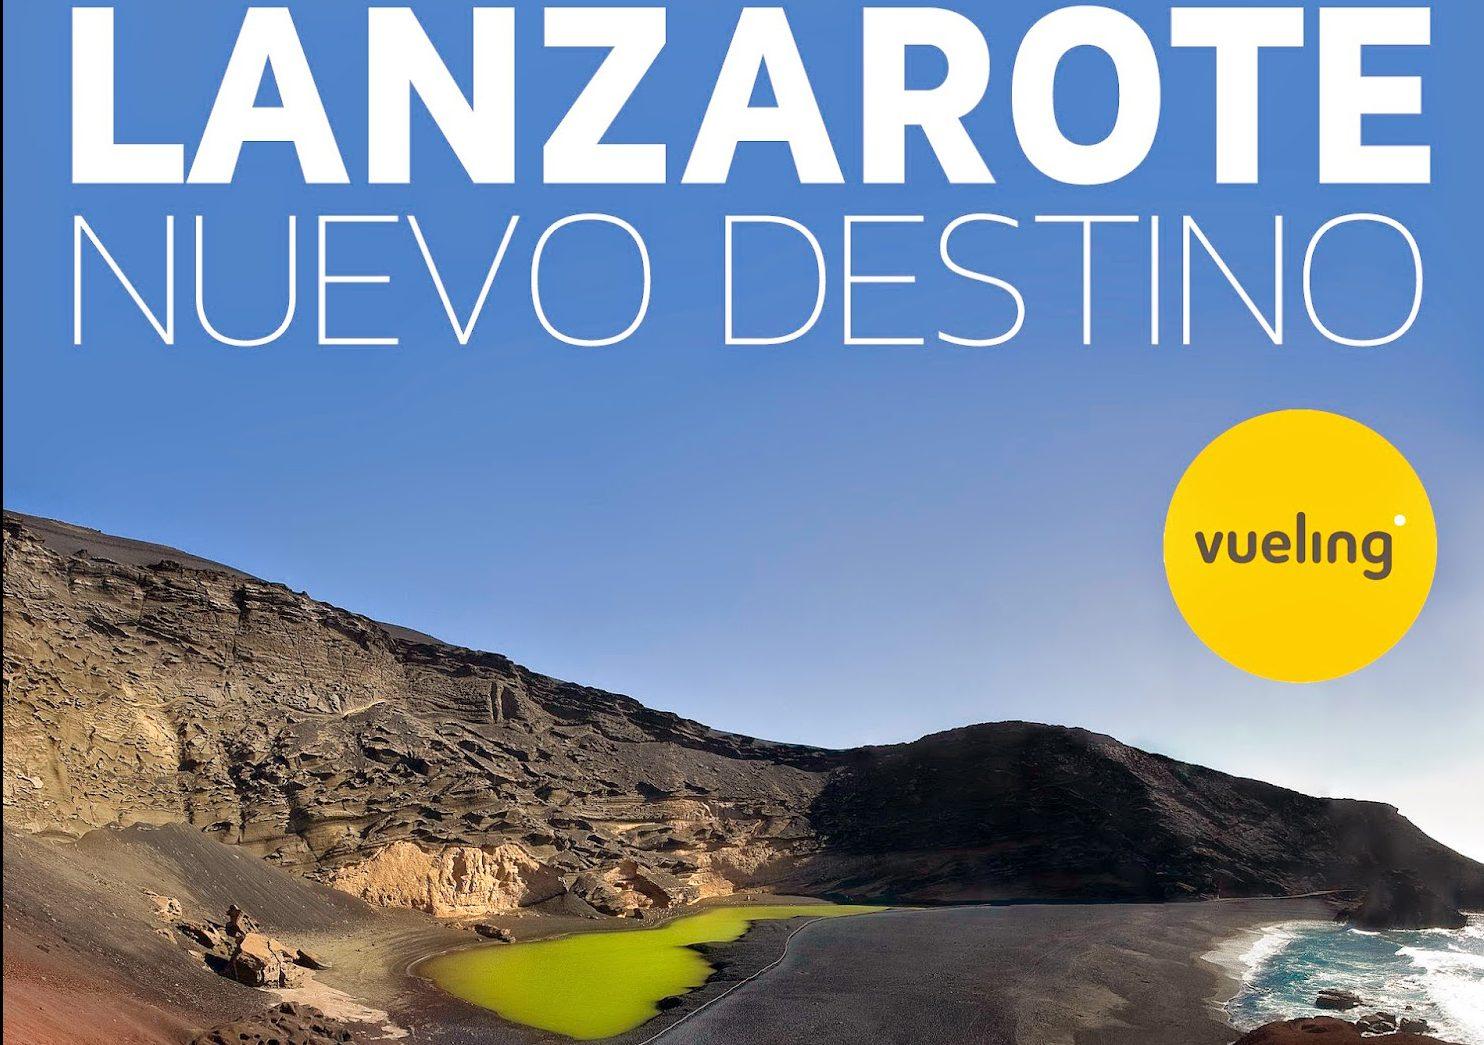 Turismo Lanzarote y Vueling anuncian la apertura de una nueva ruta con Mallorca  a partir del 19 de junio